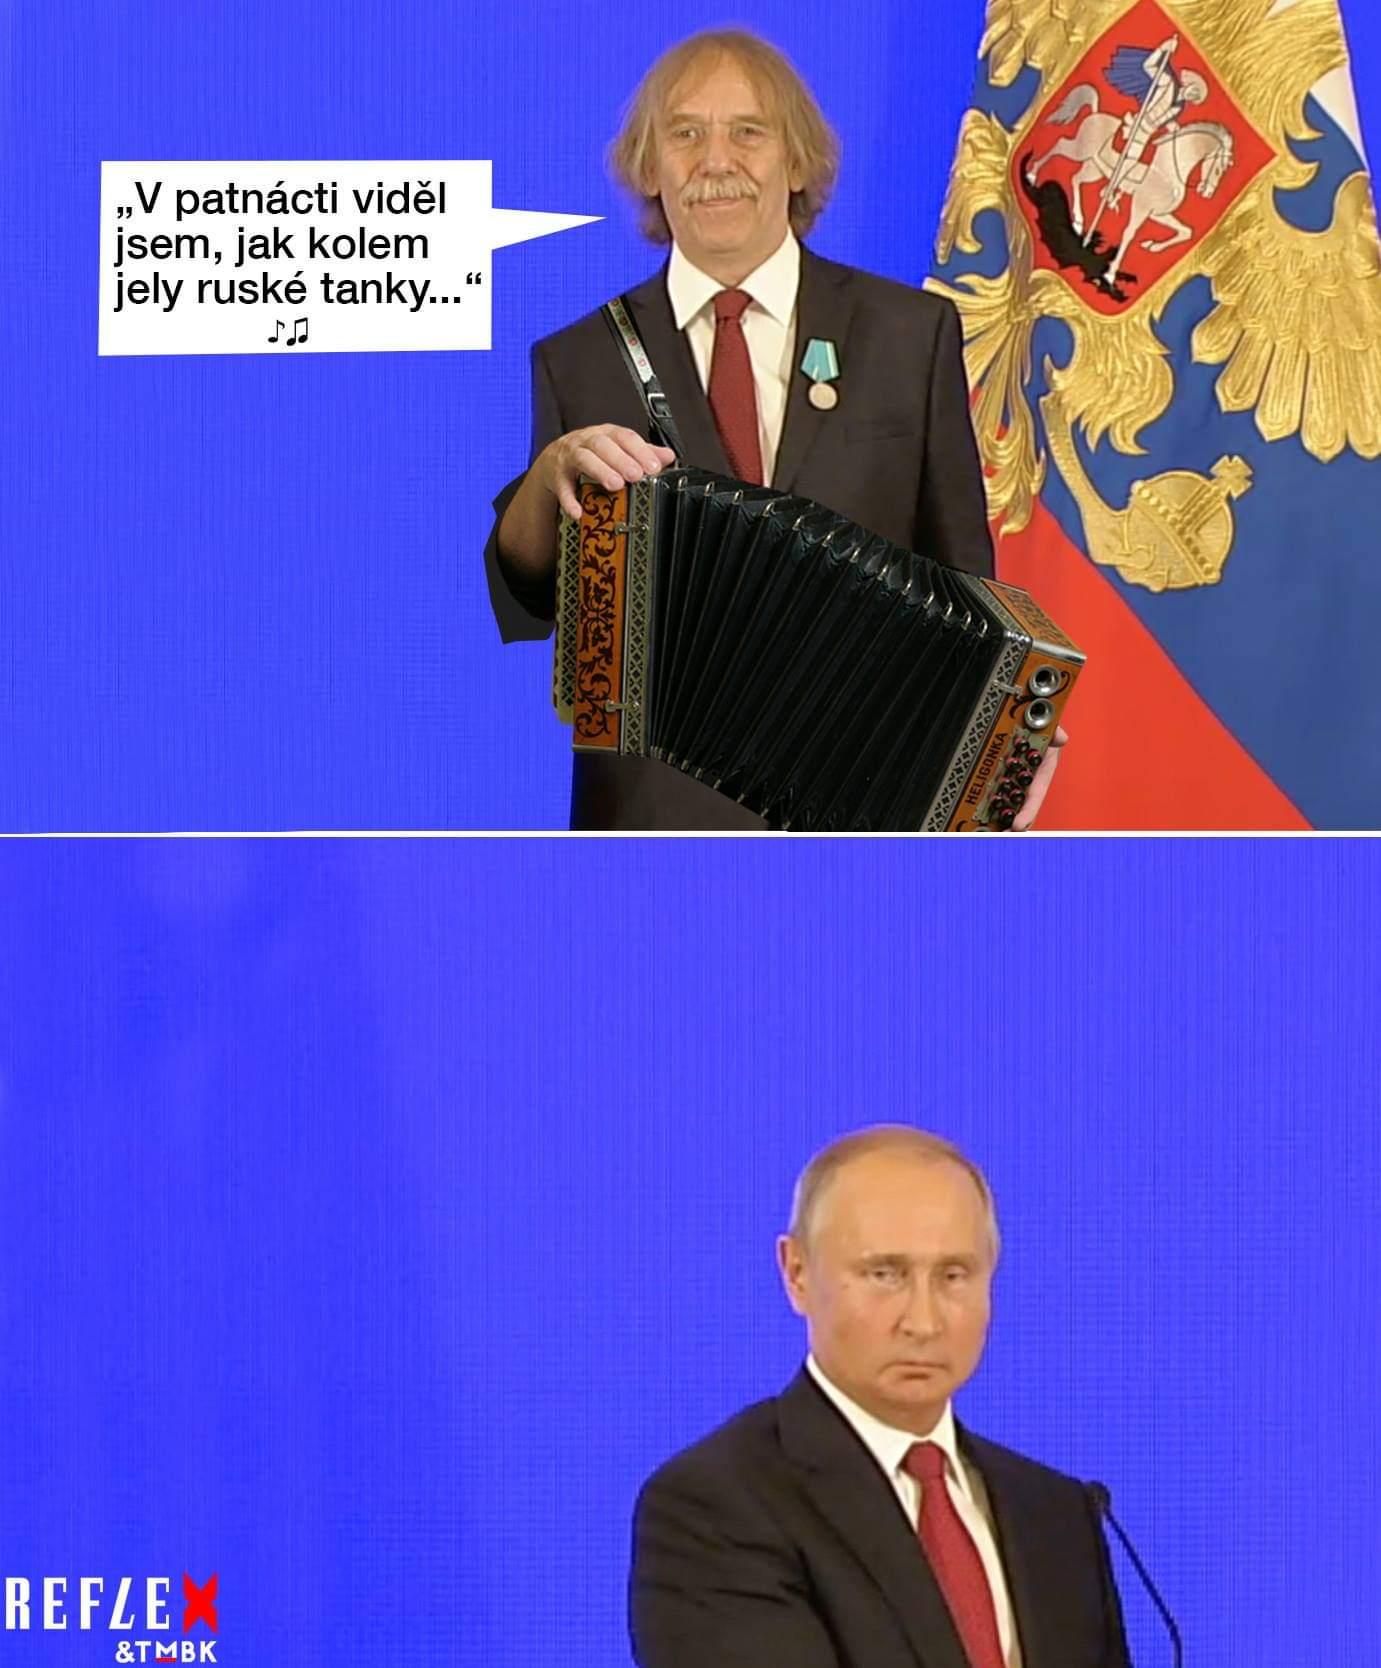 Obrázek Vladimirisnotamused